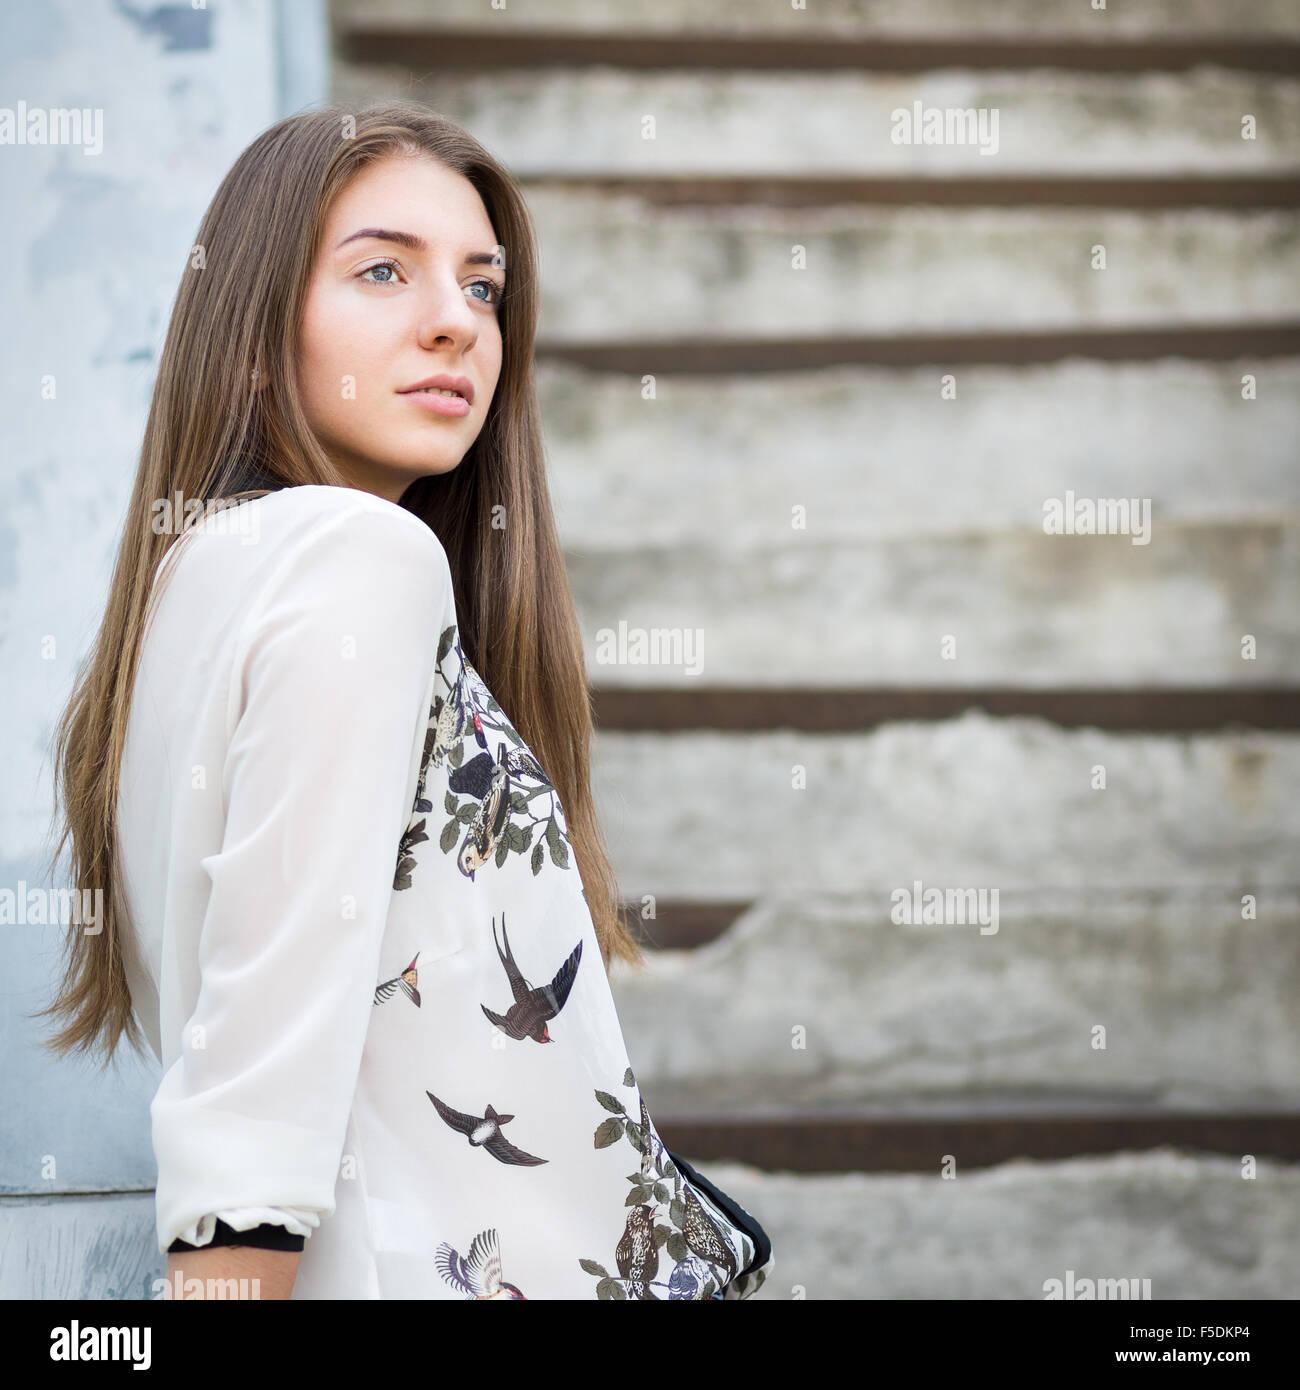 Schöne Erwachsene Mädchen auf der Treppe stehen und blickte gerade Stockbild